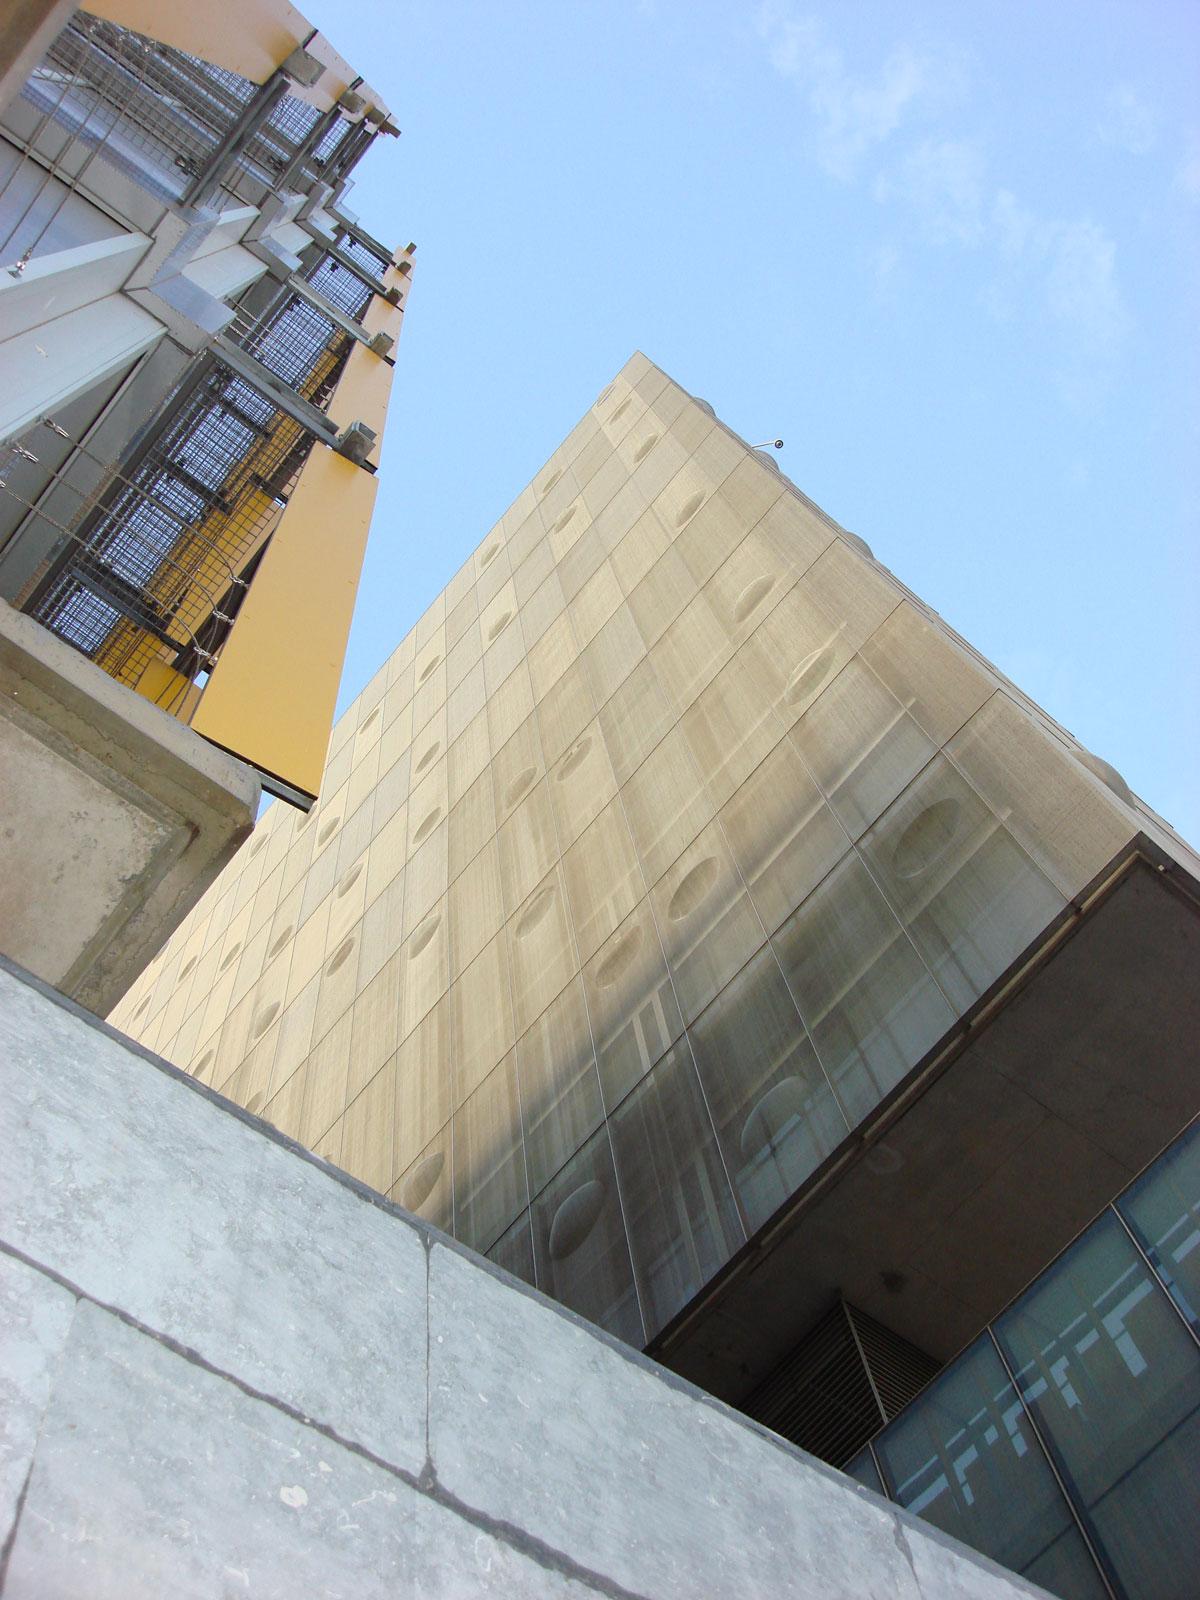 Fassadenverkleidung mit MeshArt Architekturgewebe